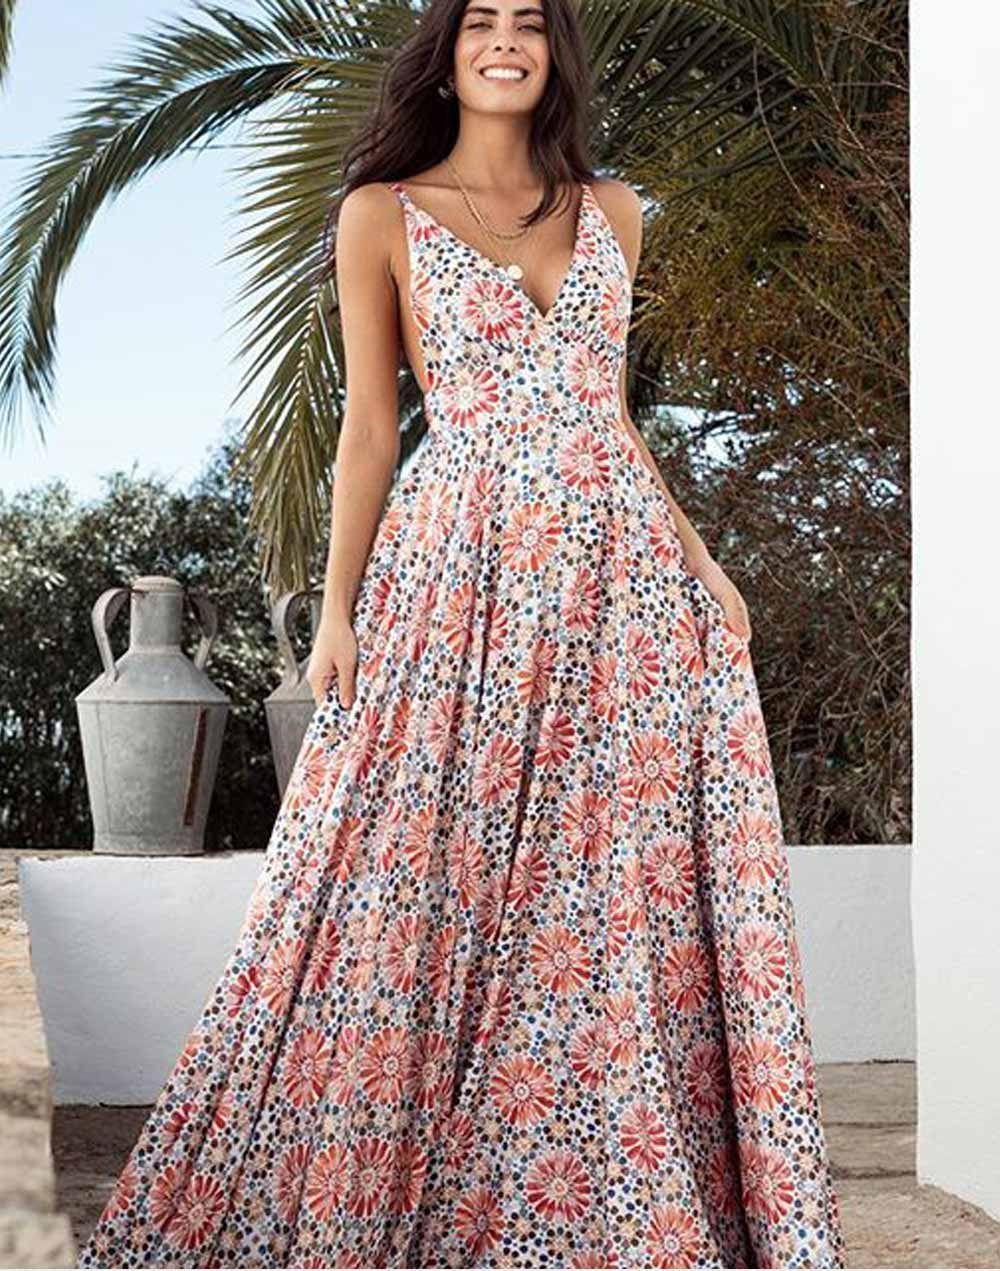 b034643a8 Vestido de fiesta largo estampado de flores en varias tonalidades de ...